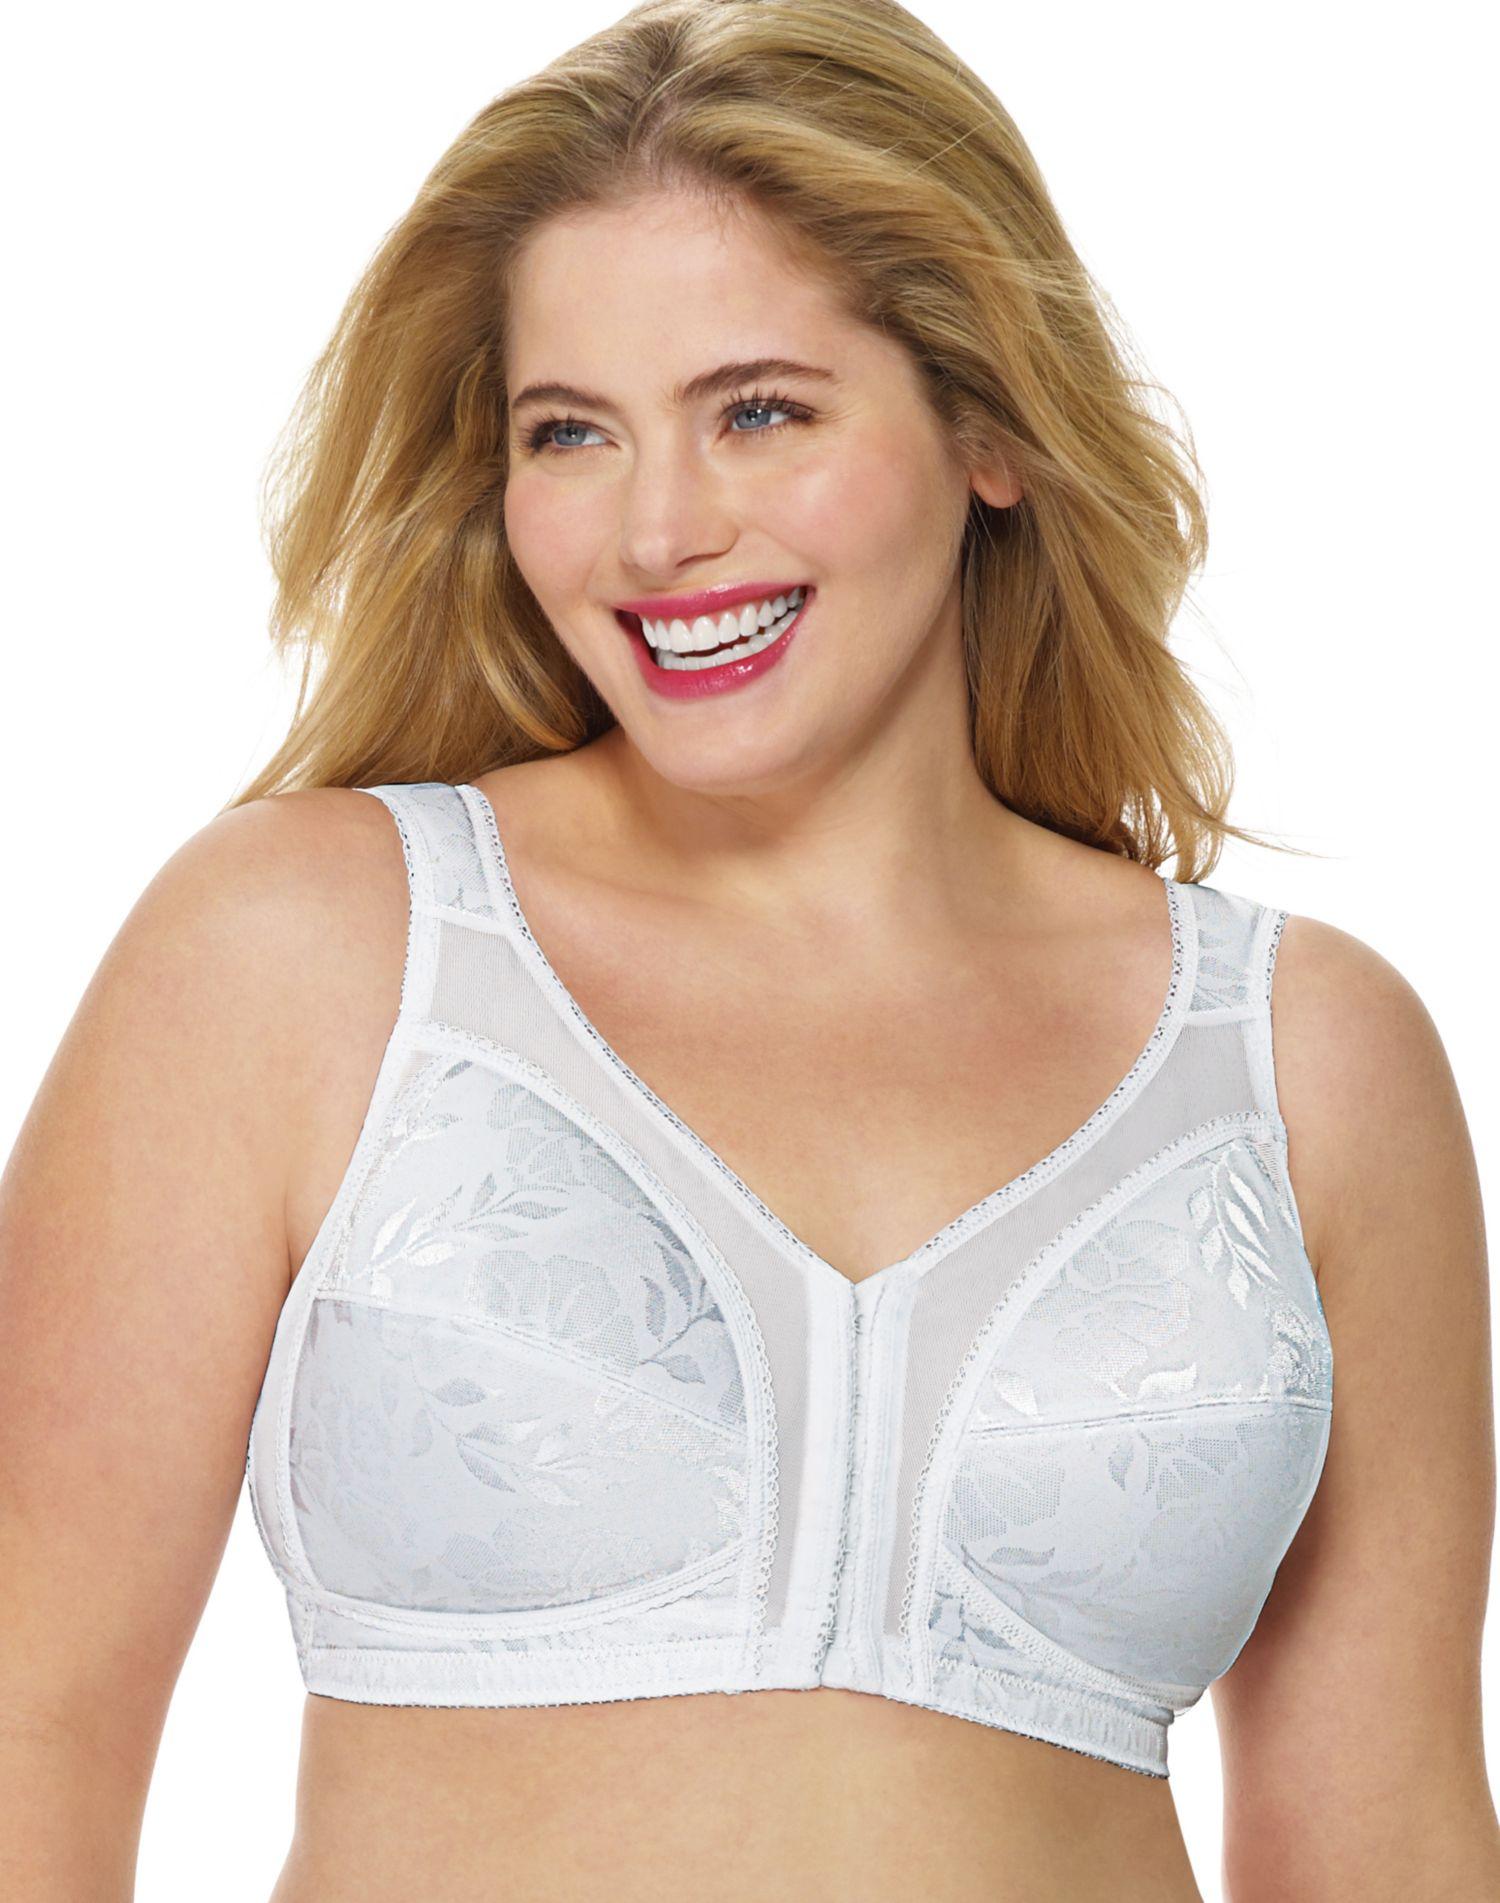 Women's Bras Sale | Discount Bras | Cheap Bras On Sale | Best Bras